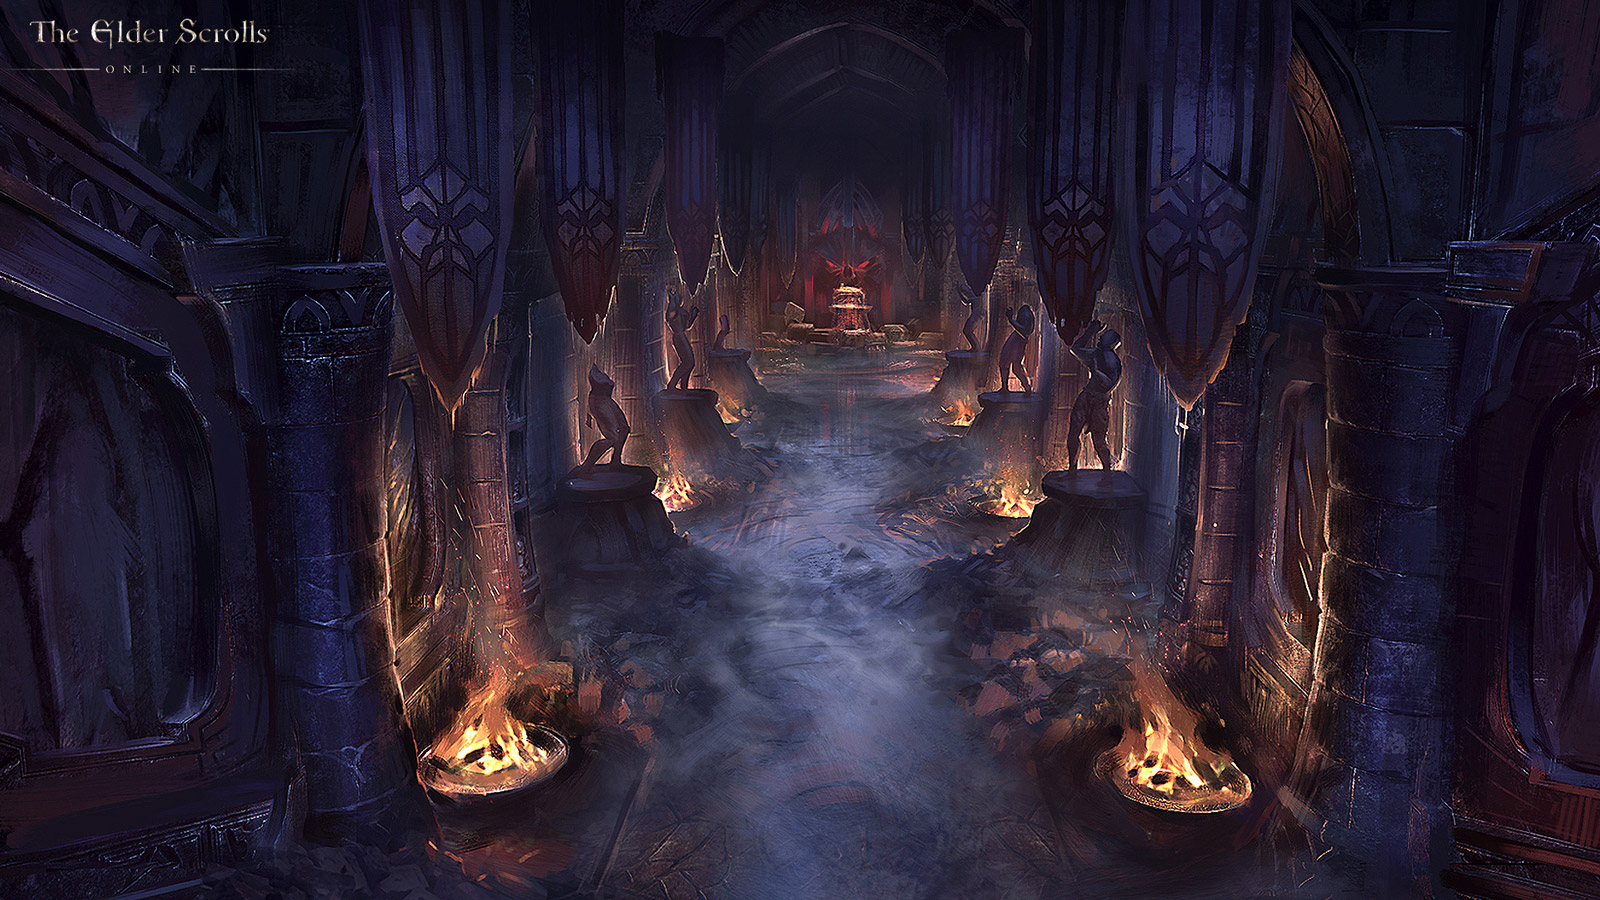 Free The Elder Scrolls Online Wallpaper in 1600x900